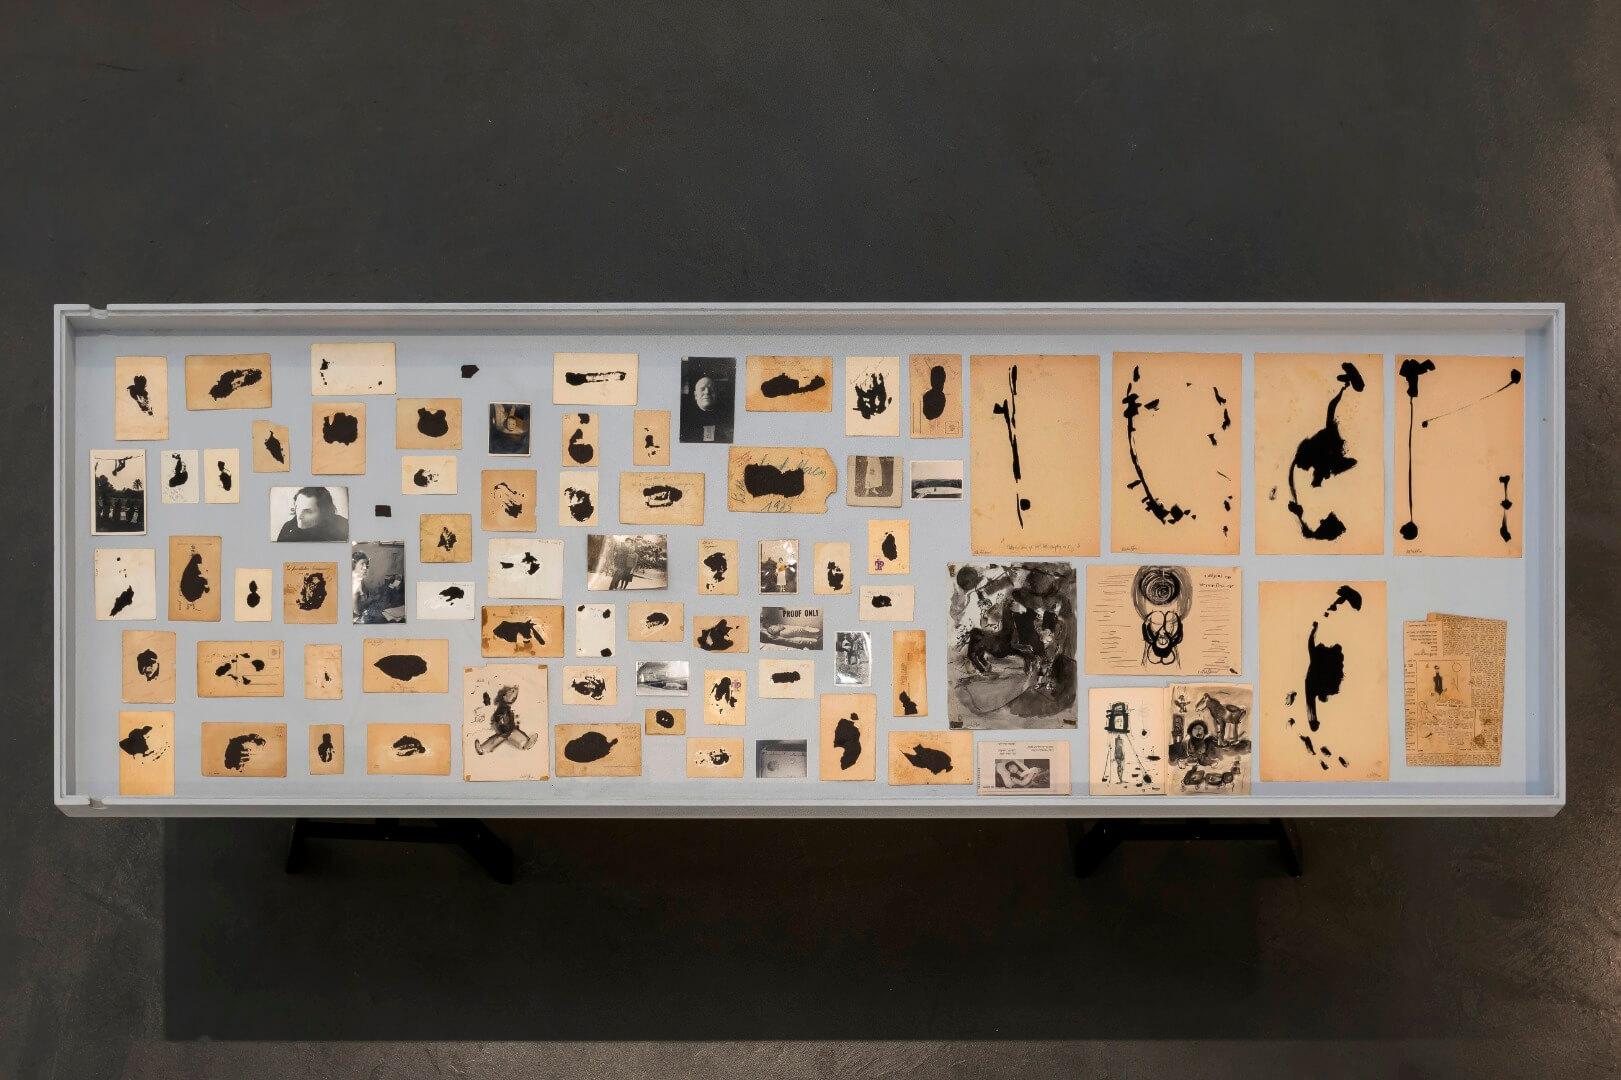 מיכל היימן ואורי שטטנר גנטיקה של ציור מראה הצבה